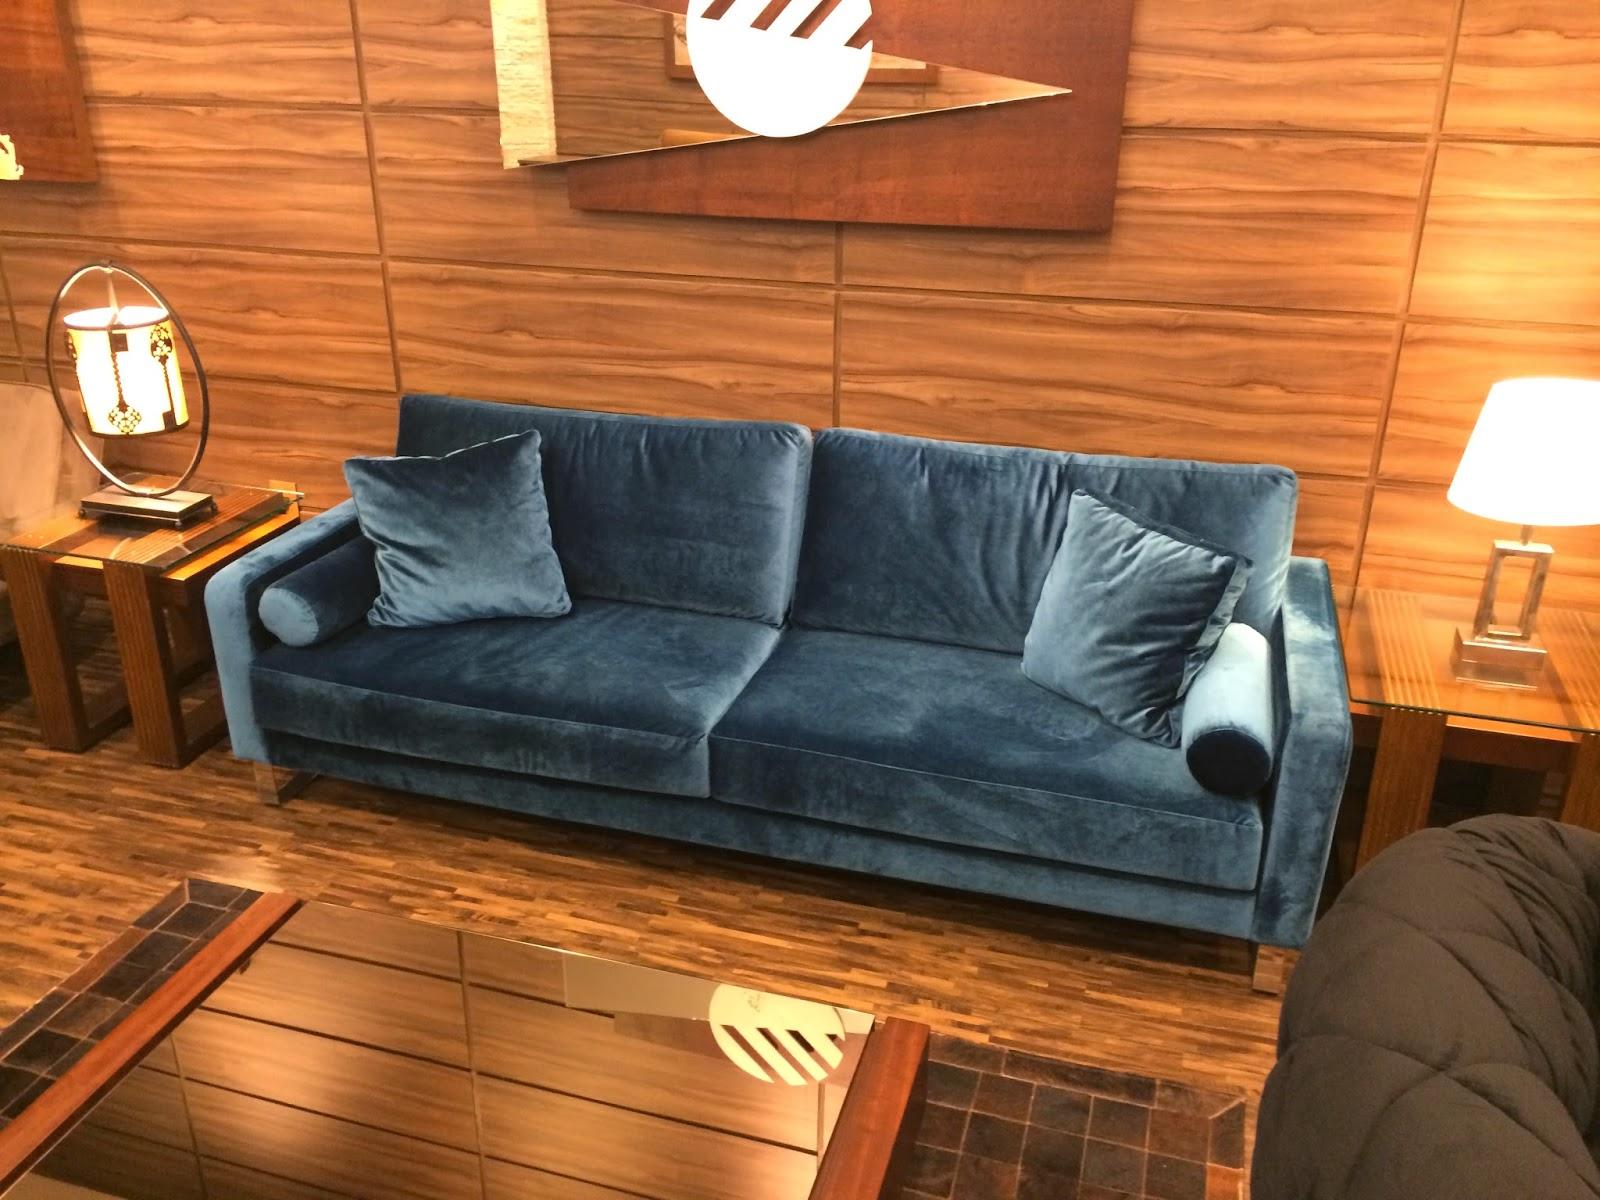 Esse Sofa Ta Bom Demais Furniture Sale Singapore Caça Ao Sofá Perfeito Casa E Reforma